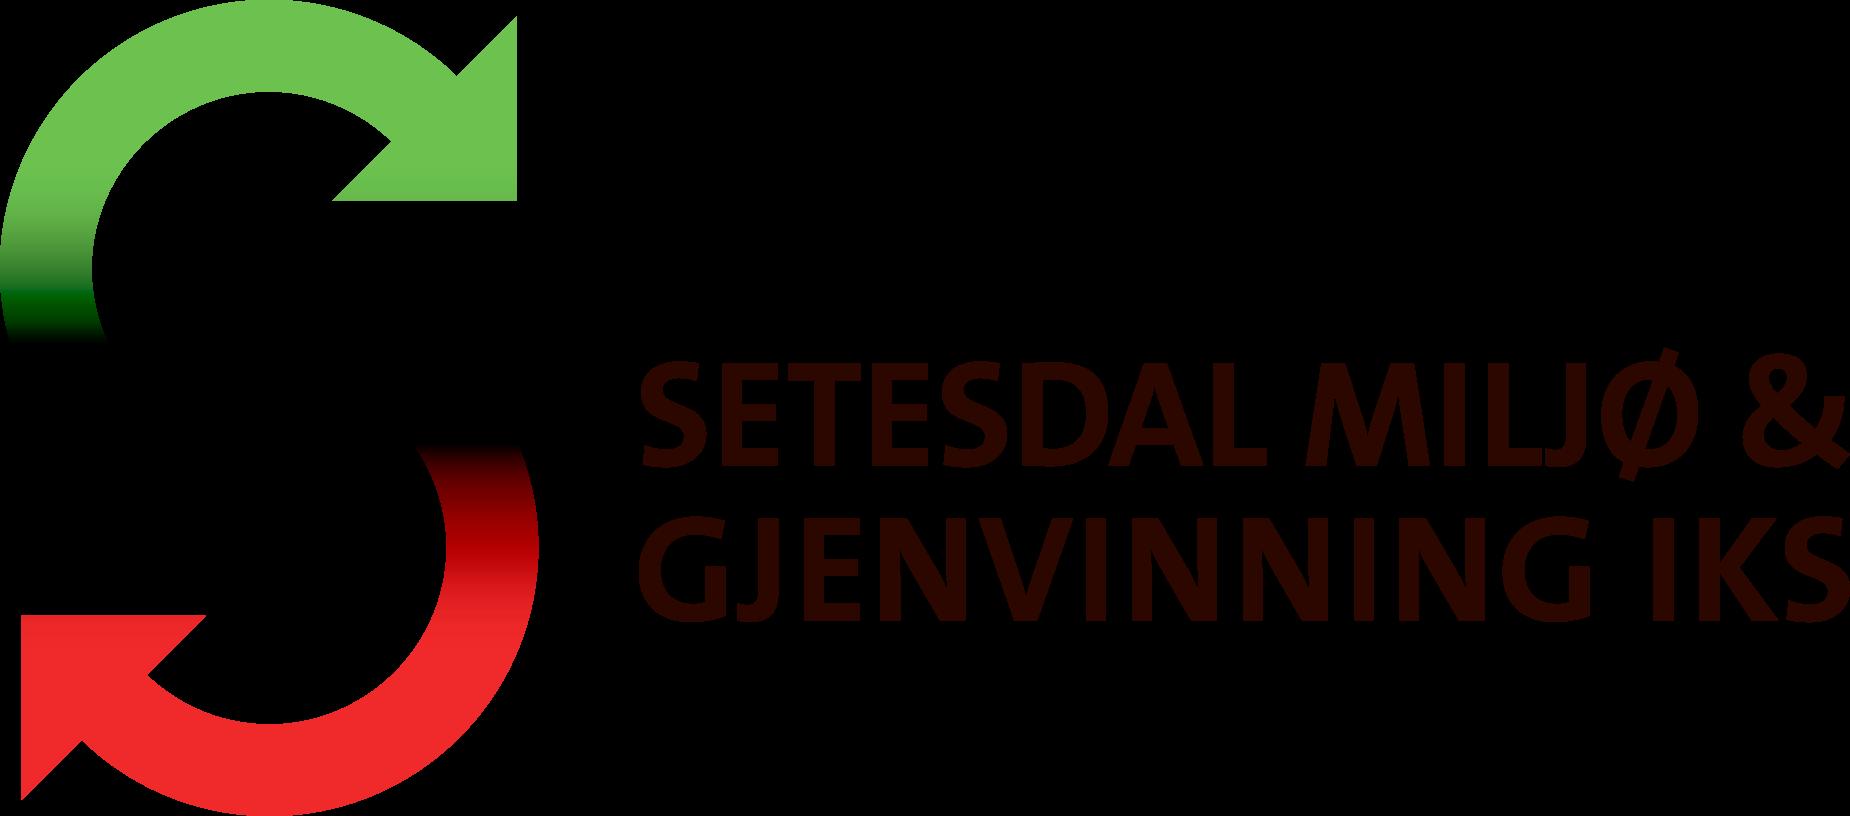 Setesdal IKS